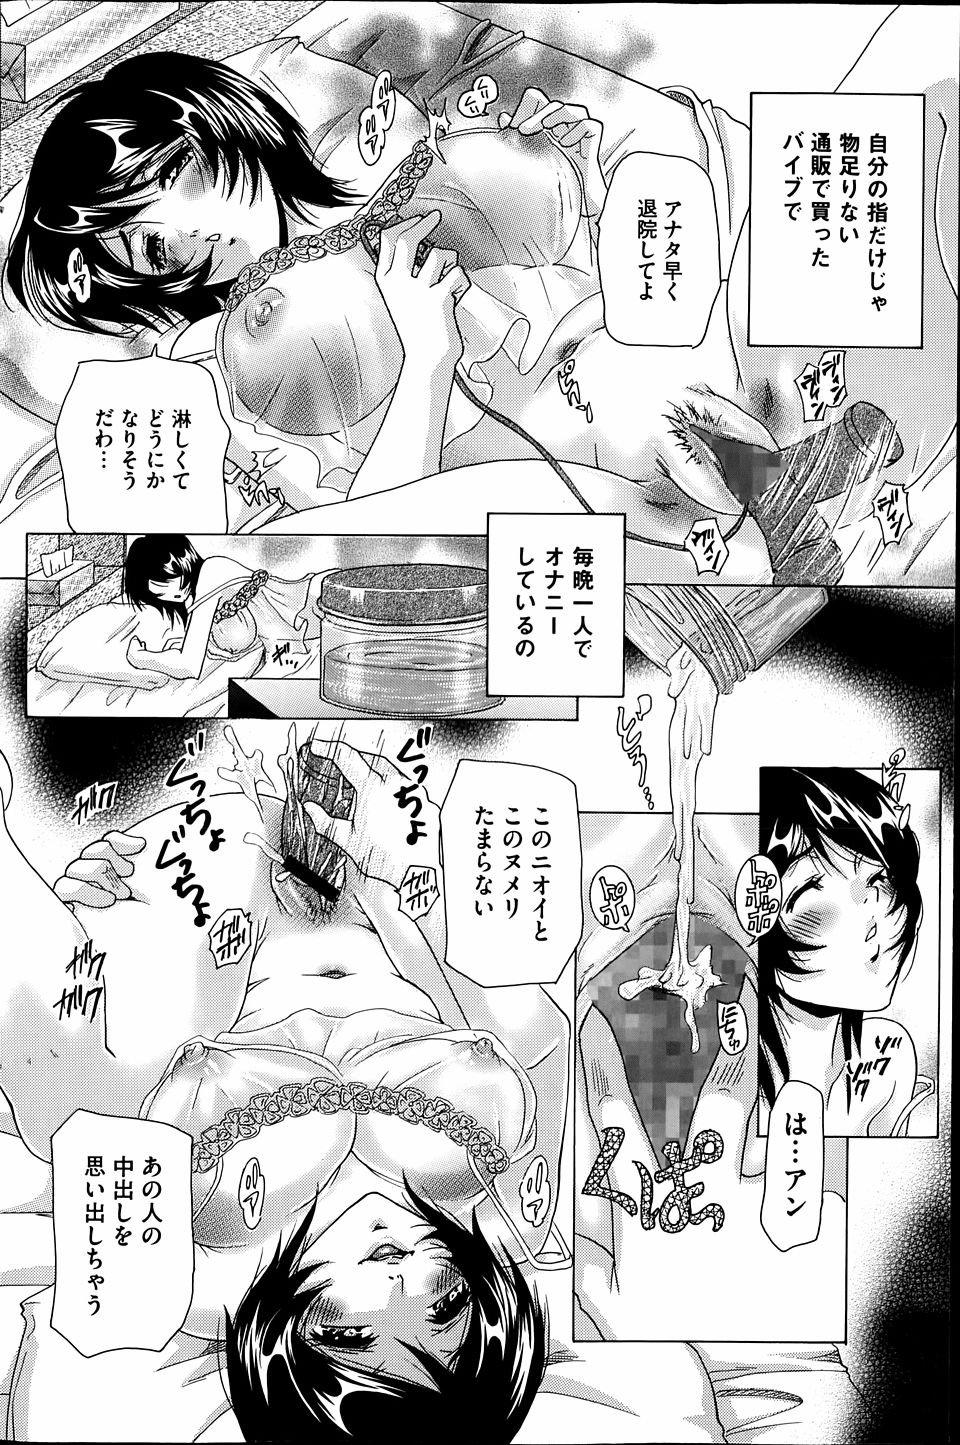 【エロ漫画・同人誌】乗馬クラブを経営している夫が入院してしまった人妻が馬と客を相手に乱交するwww 002